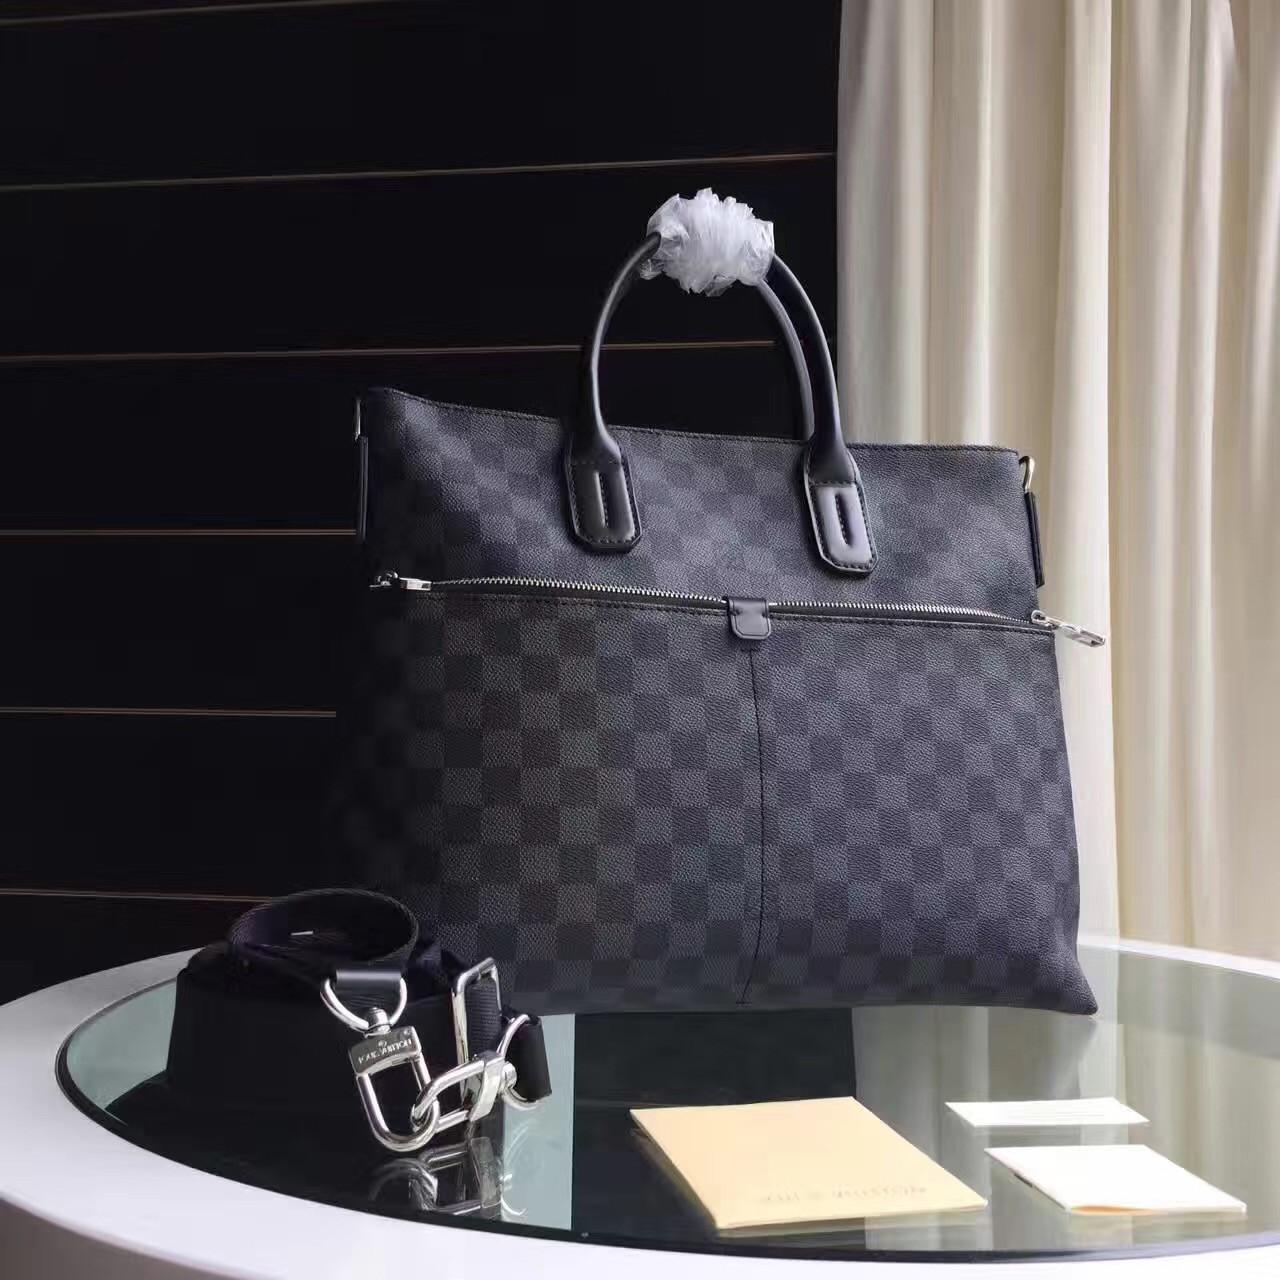 Мужской портфель - купить сумку Louis Vuitton, в Киеве   vkstore.com.ua e8aead39aab